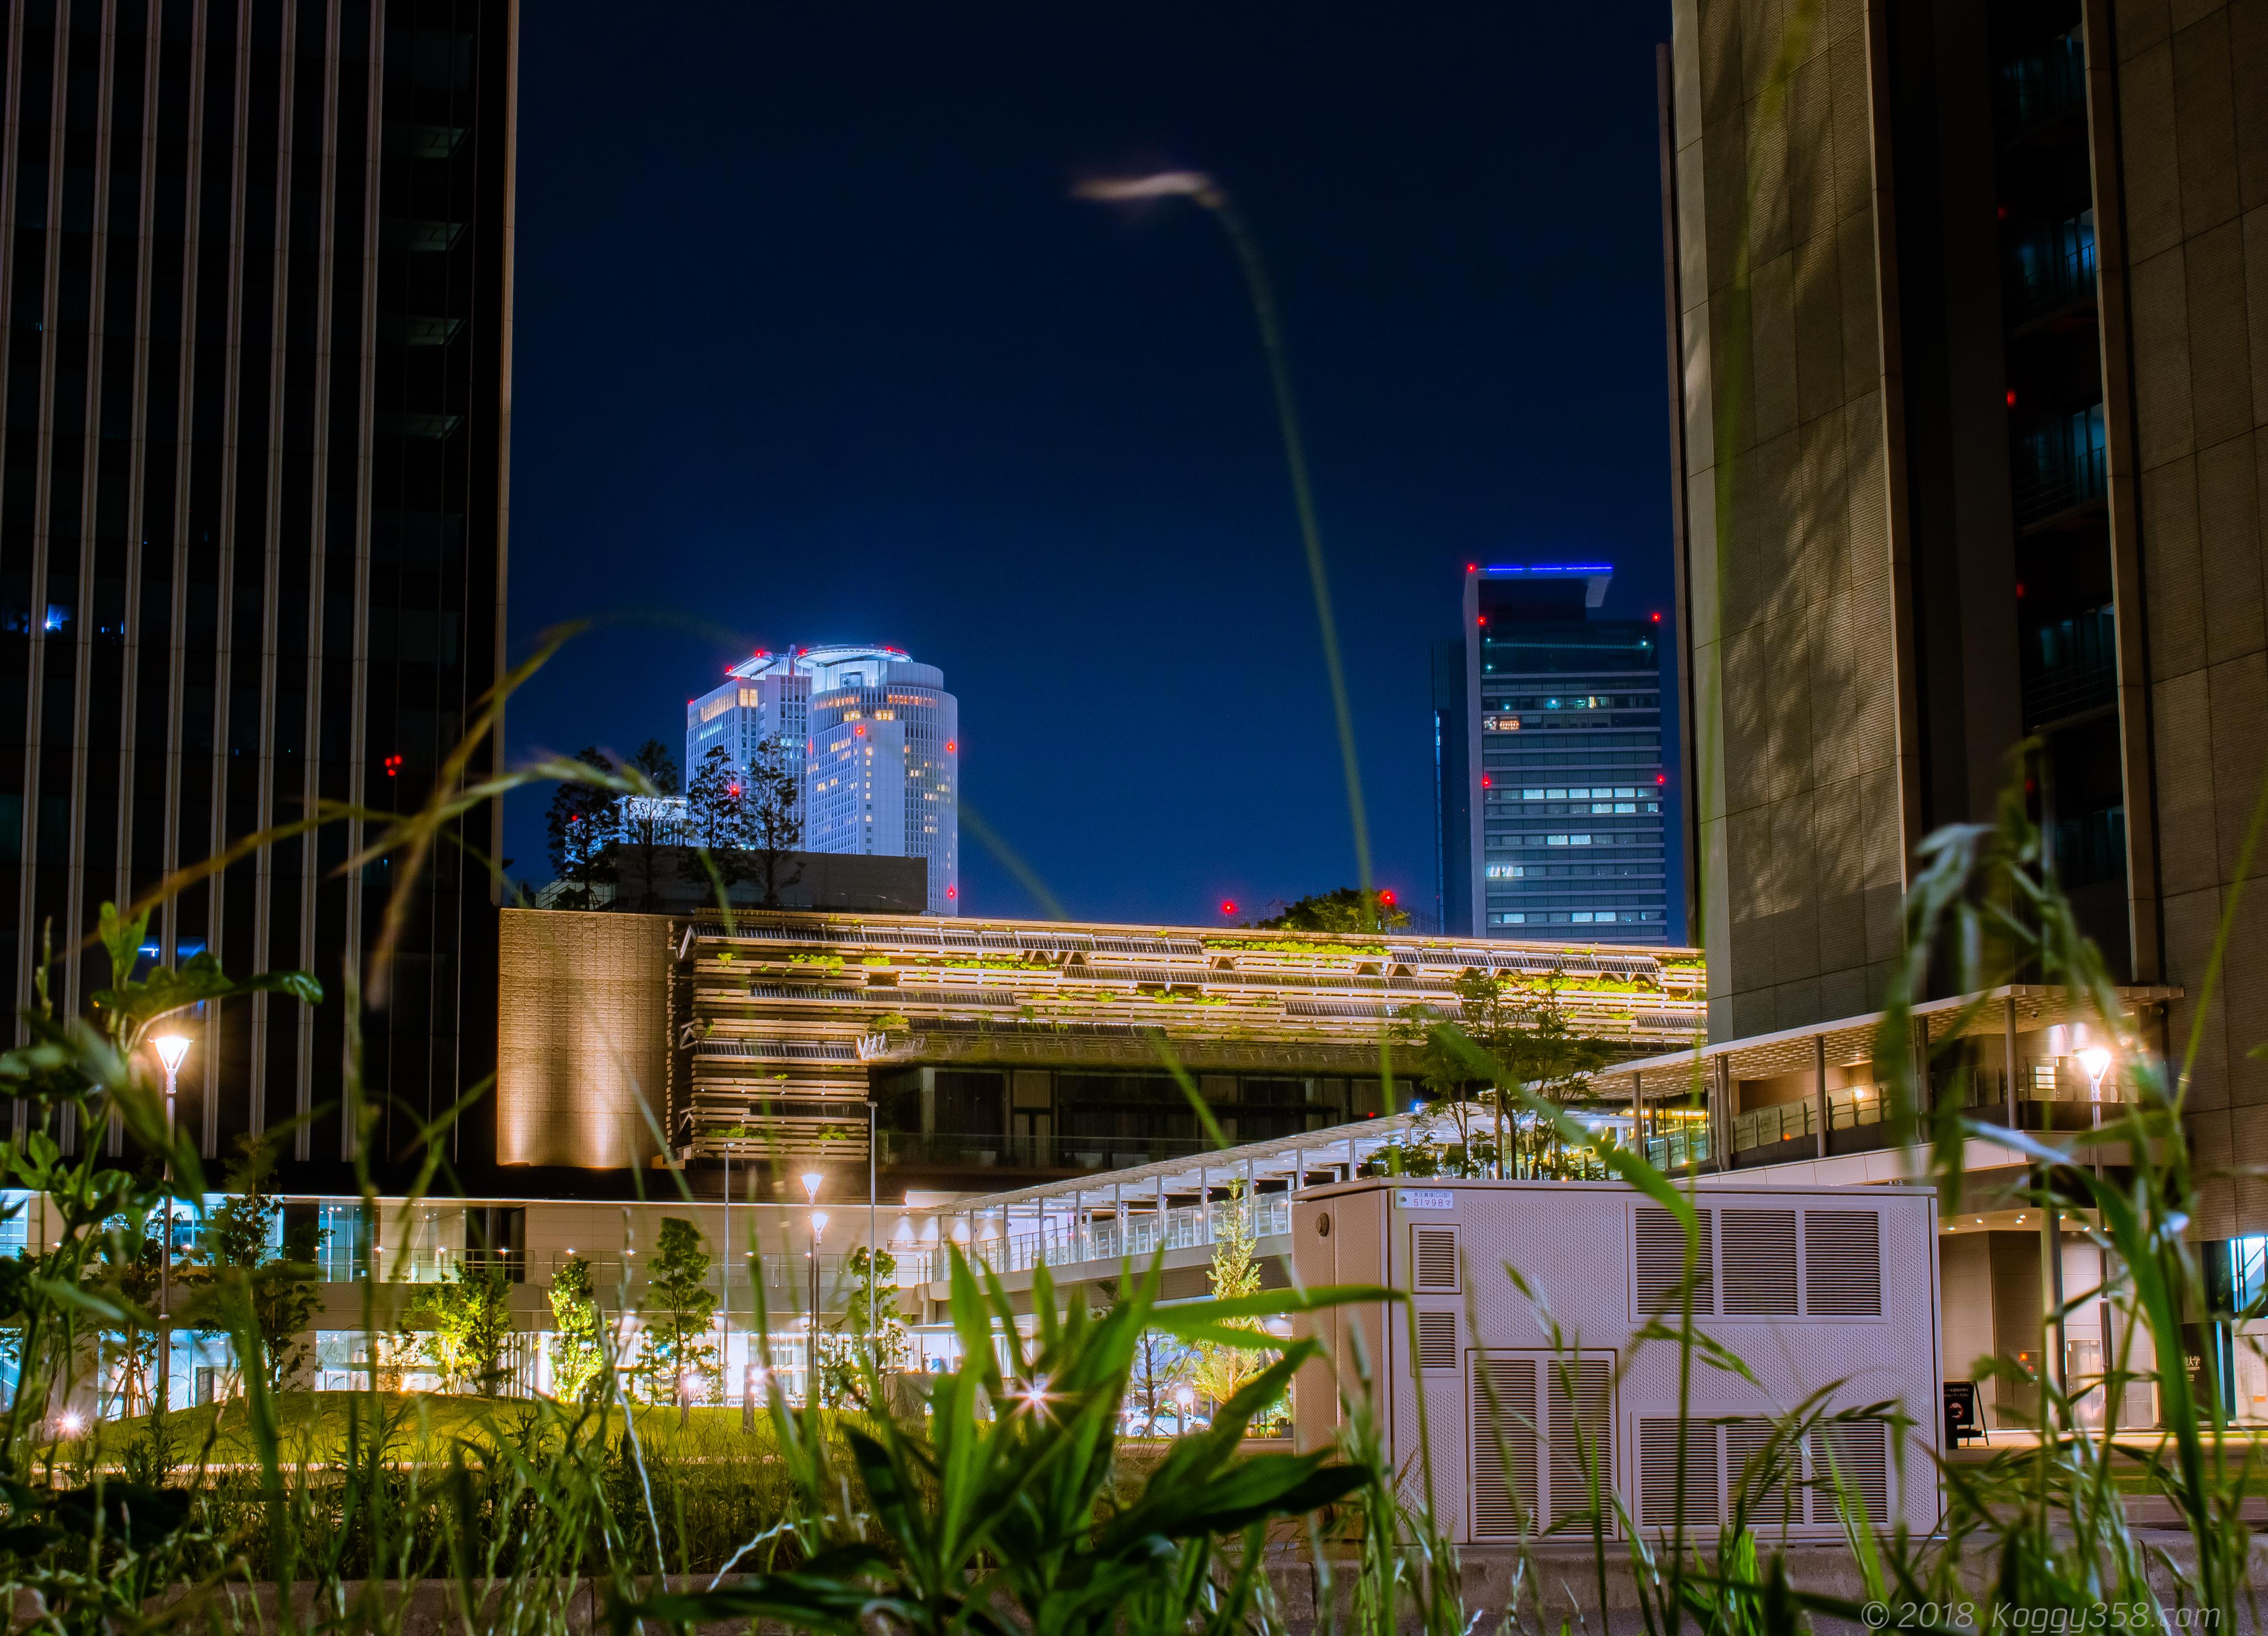 ささしまライブ駅周辺の夜景